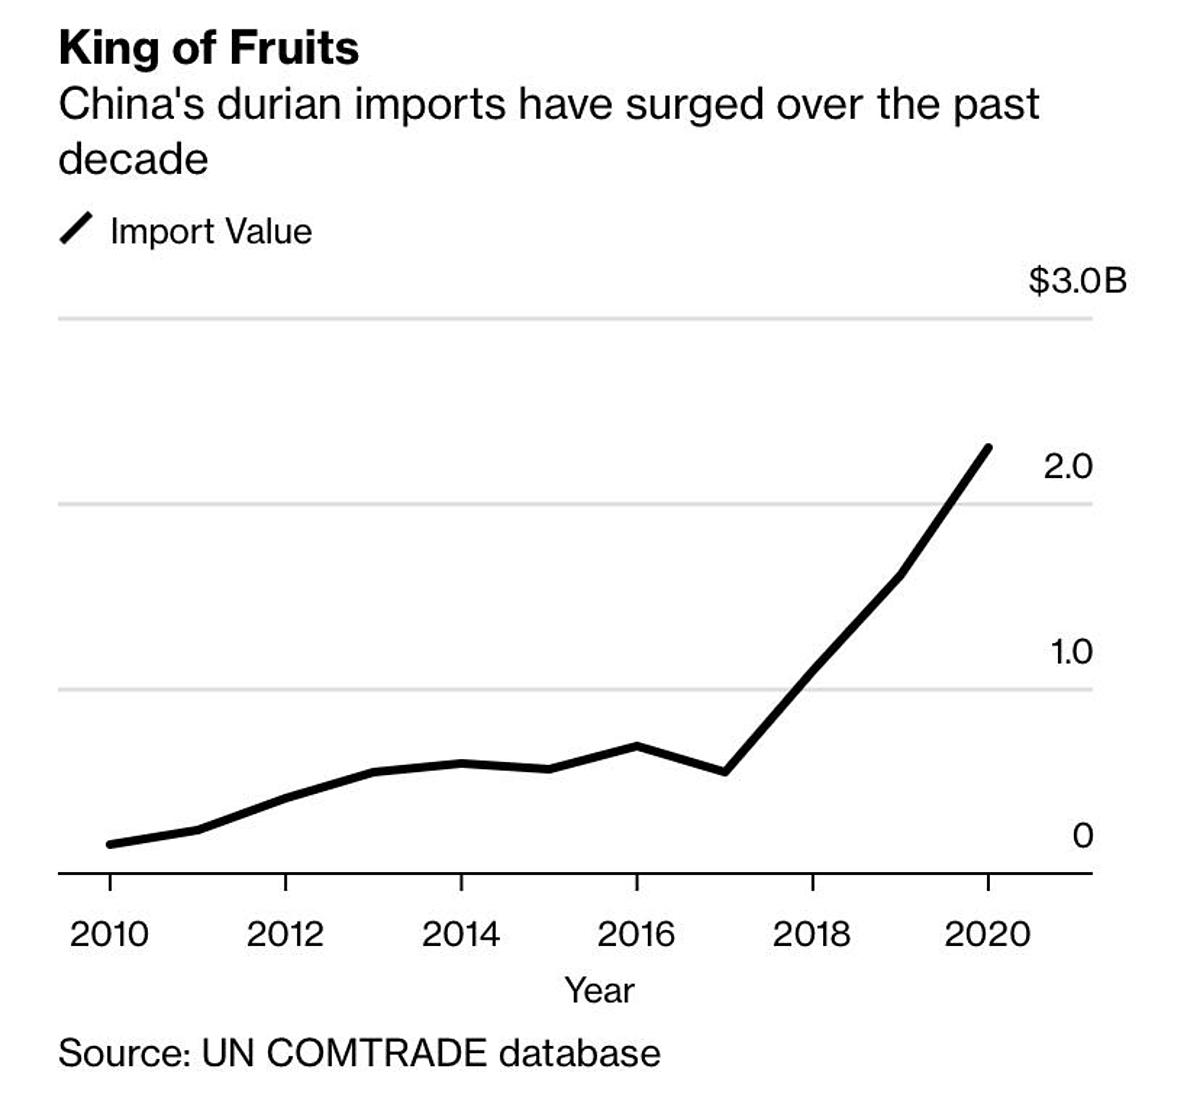 Kim ngạch nhập khẩu sầu riêng của Trung Quốc qua các năm. Đồ họa: Bloombergg.